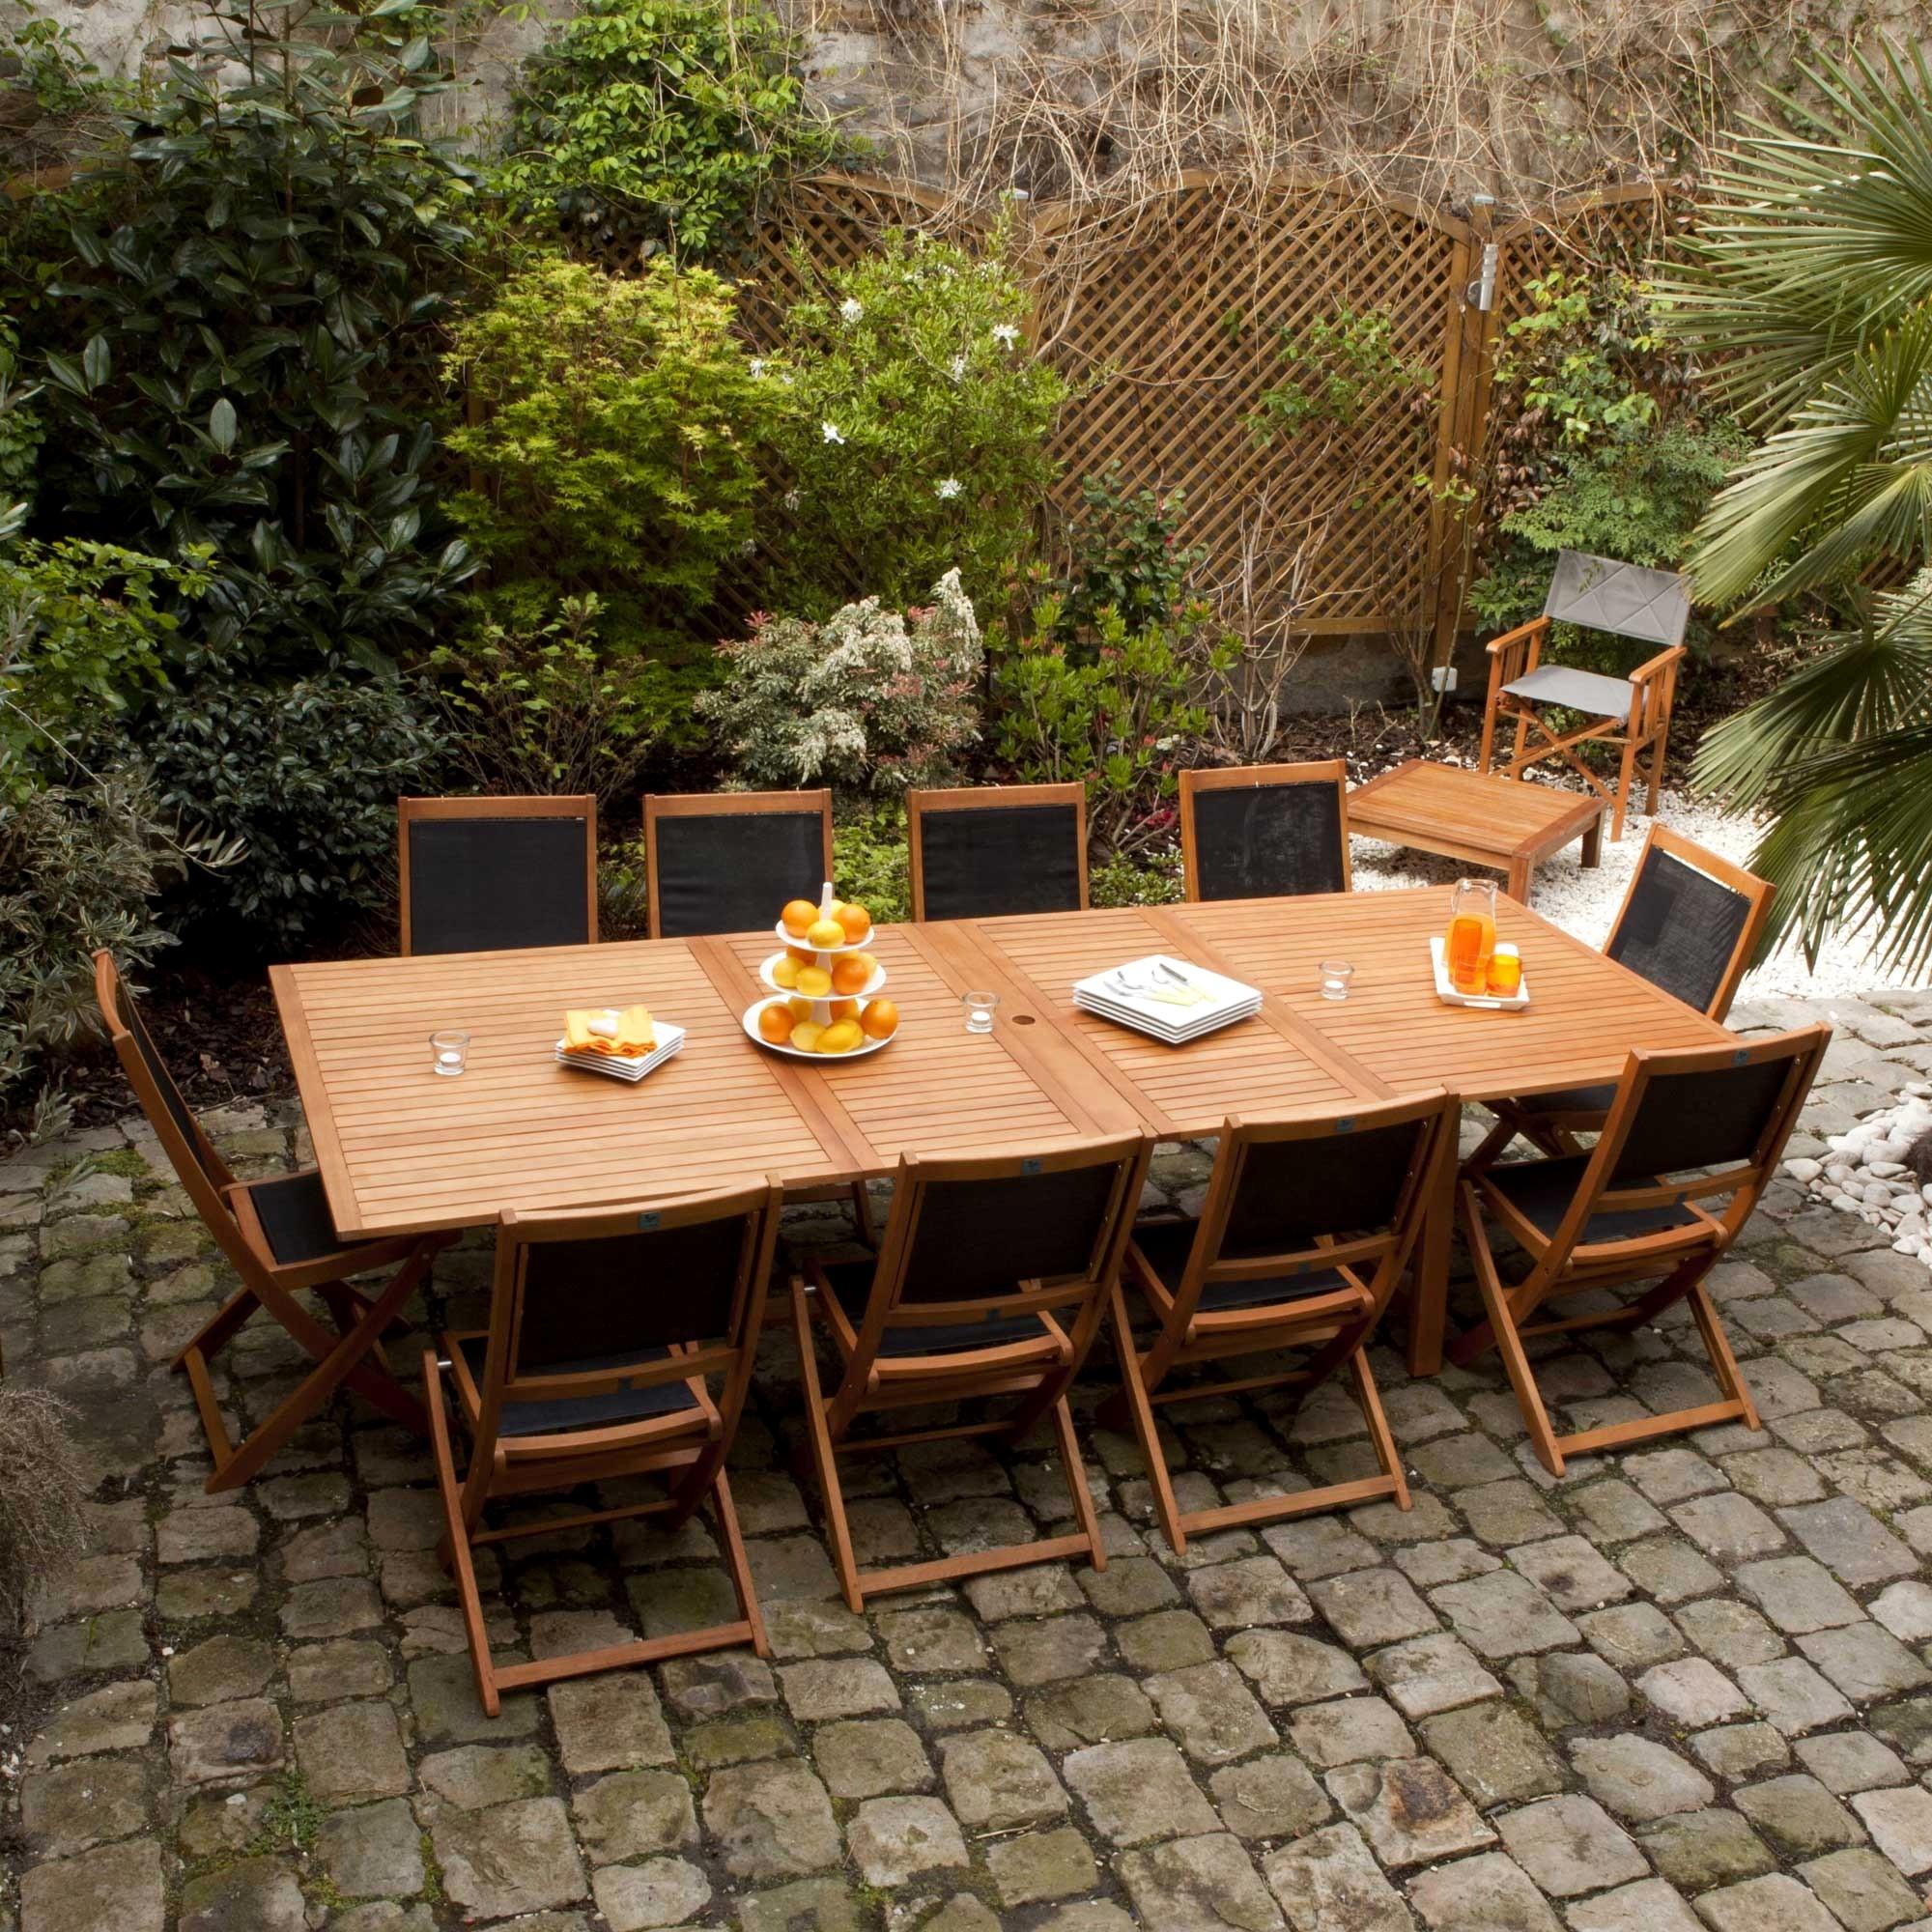 Salon de jardin bois jardiland - Abri de jardin et balancoire idée